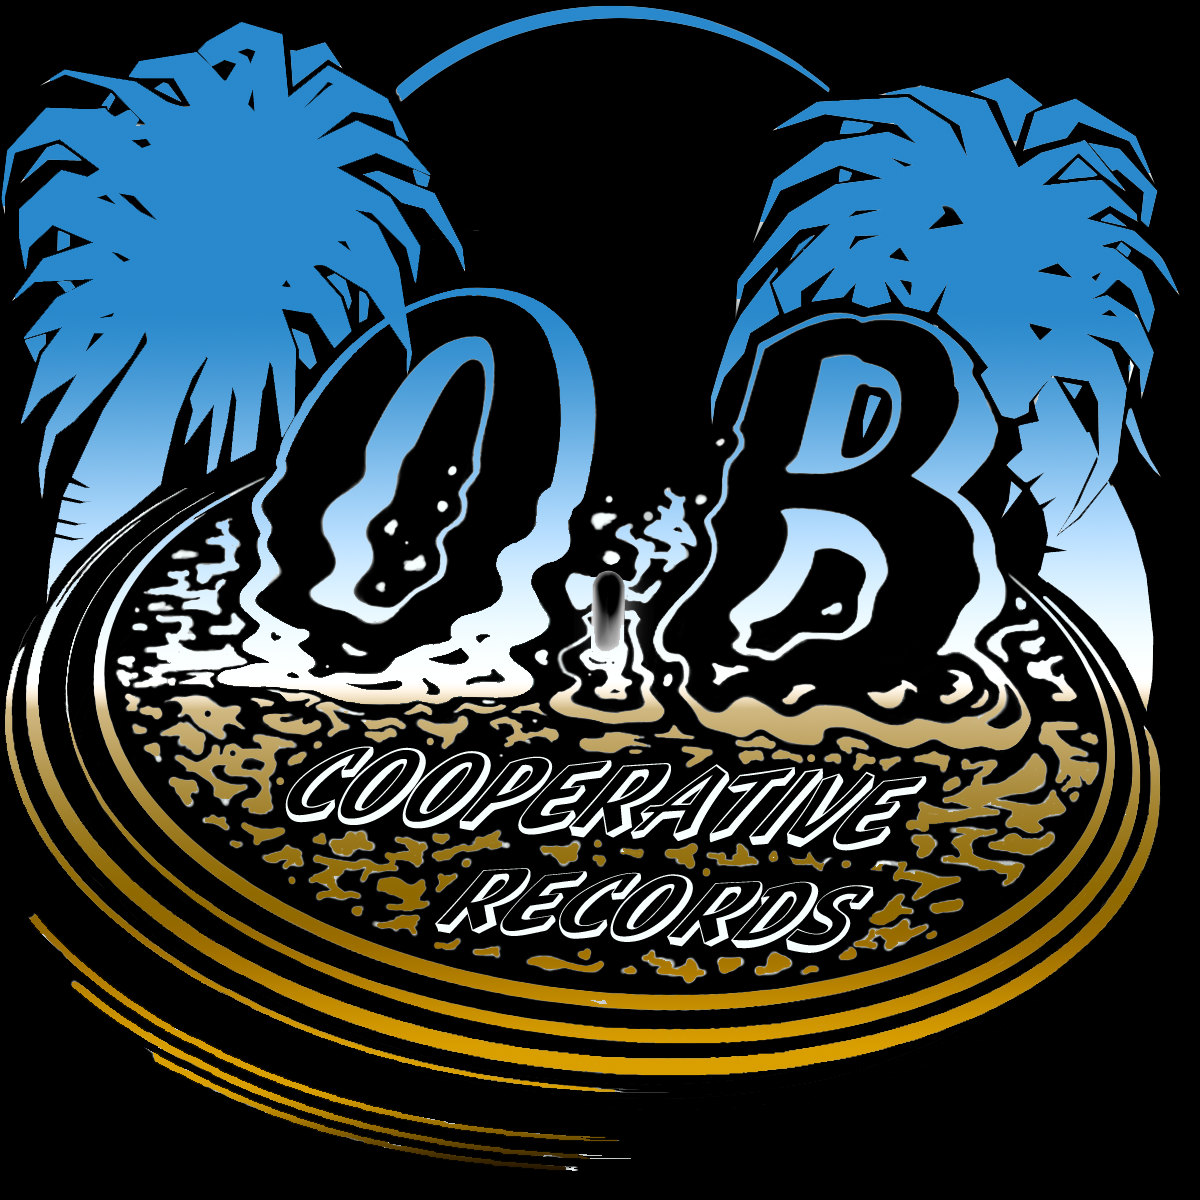 OB Cooperative Records